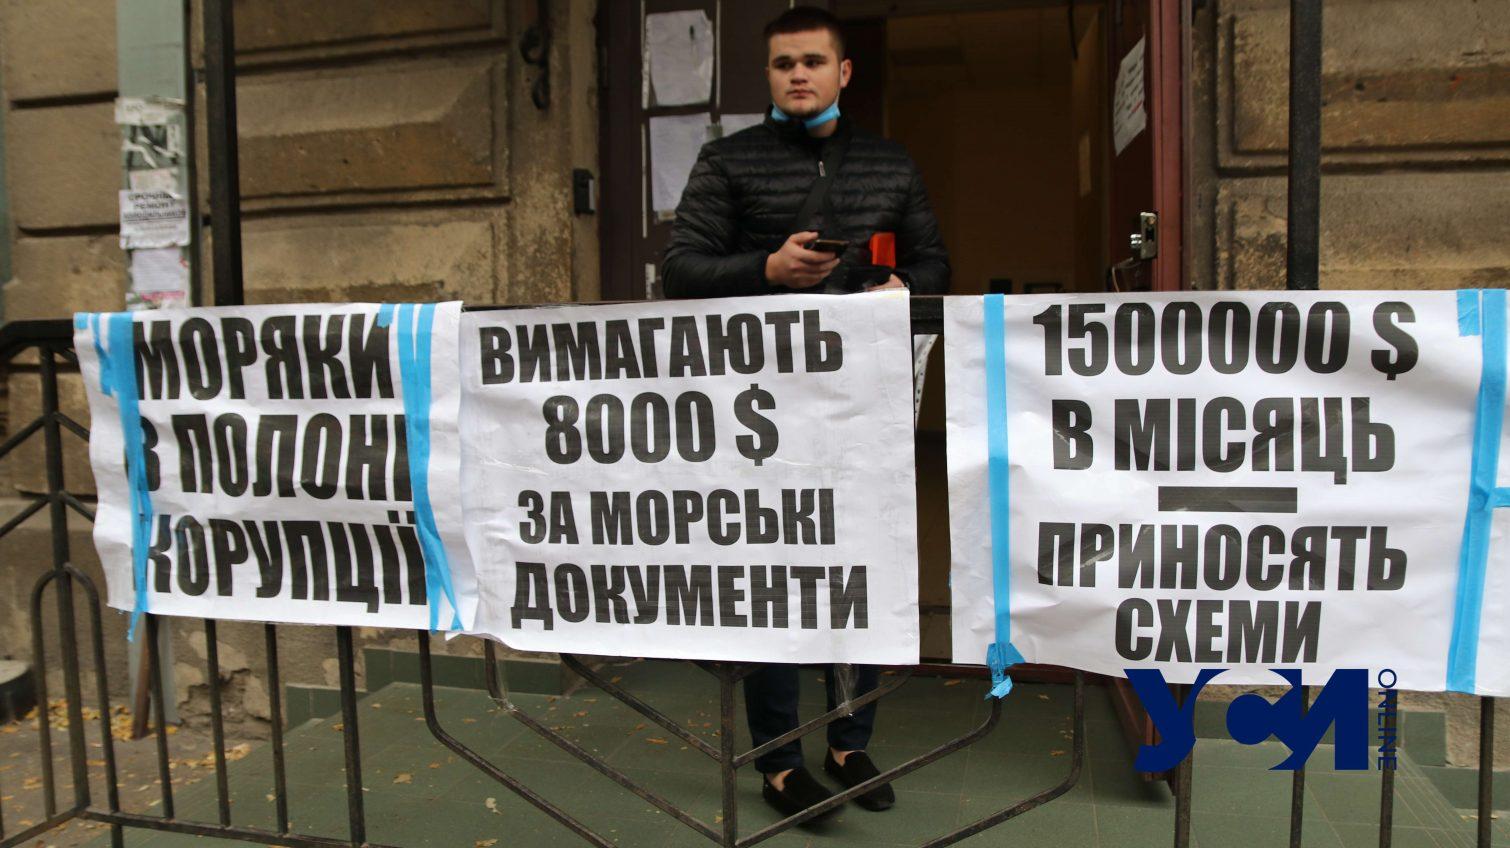 «Требуют $8000 за документы»: моряки Одессы и других городов вышли на протест (фото) «фото»